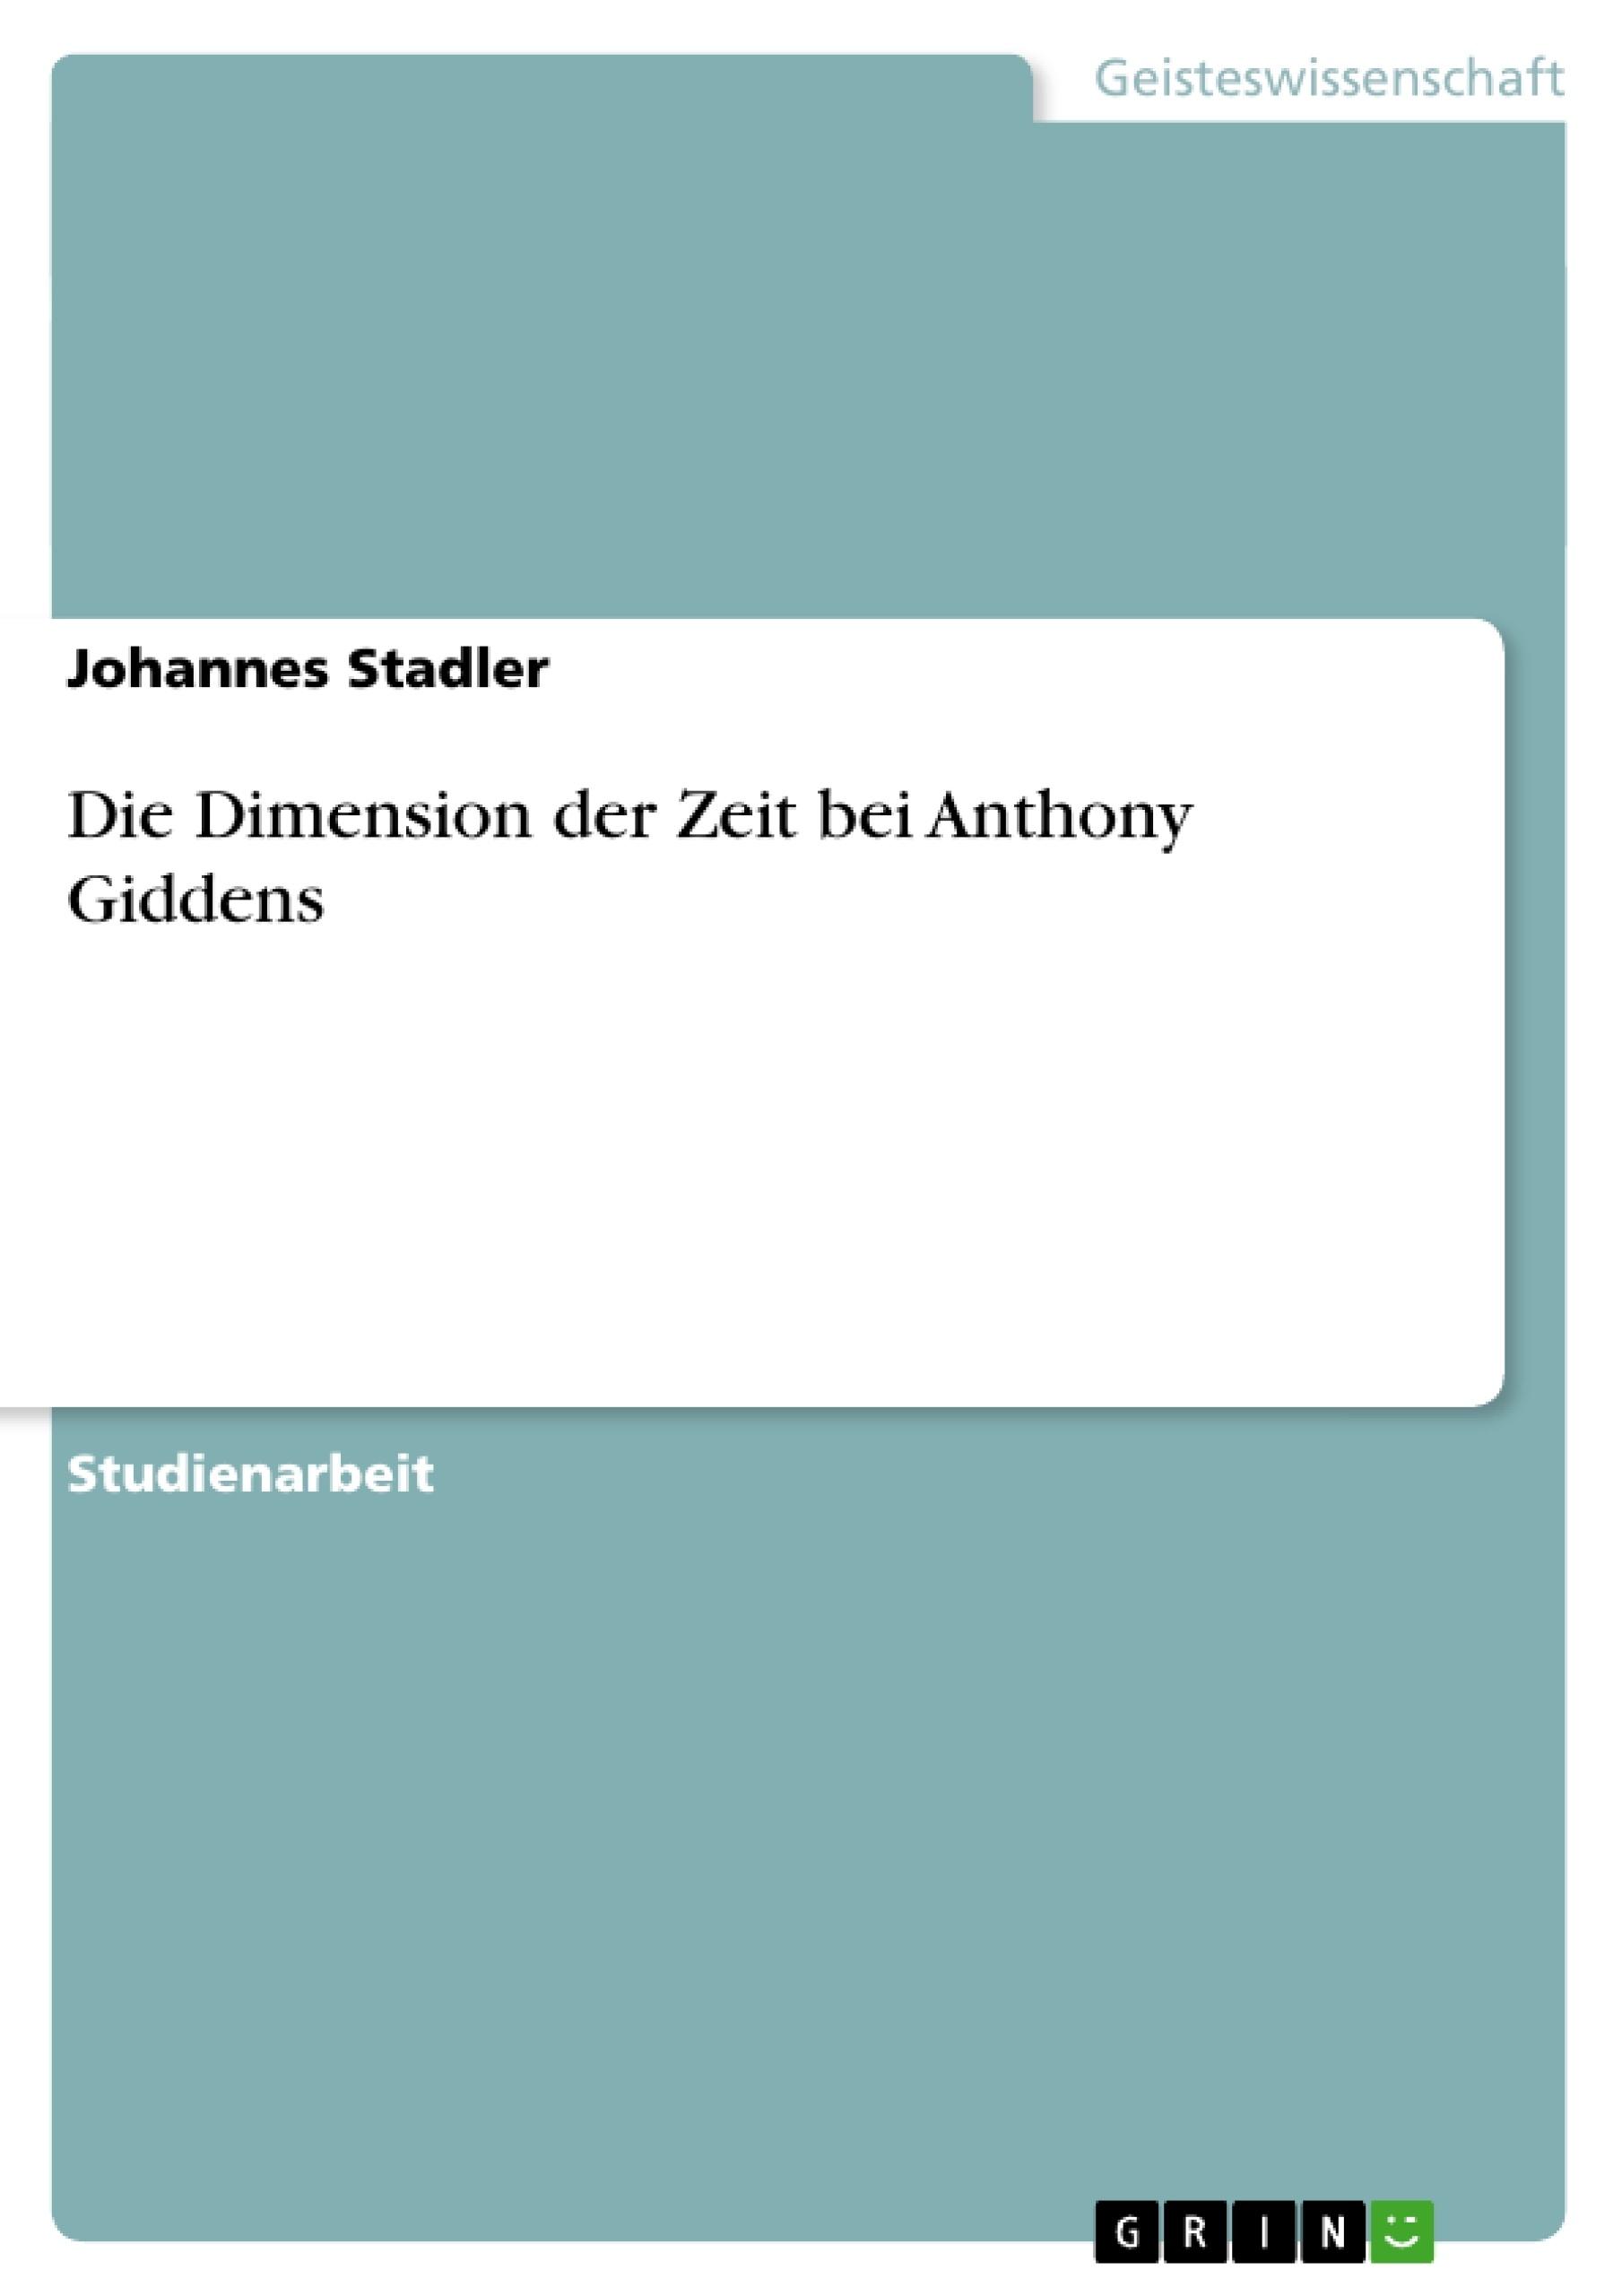 Titel: Die Dimension der Zeit bei Anthony Giddens